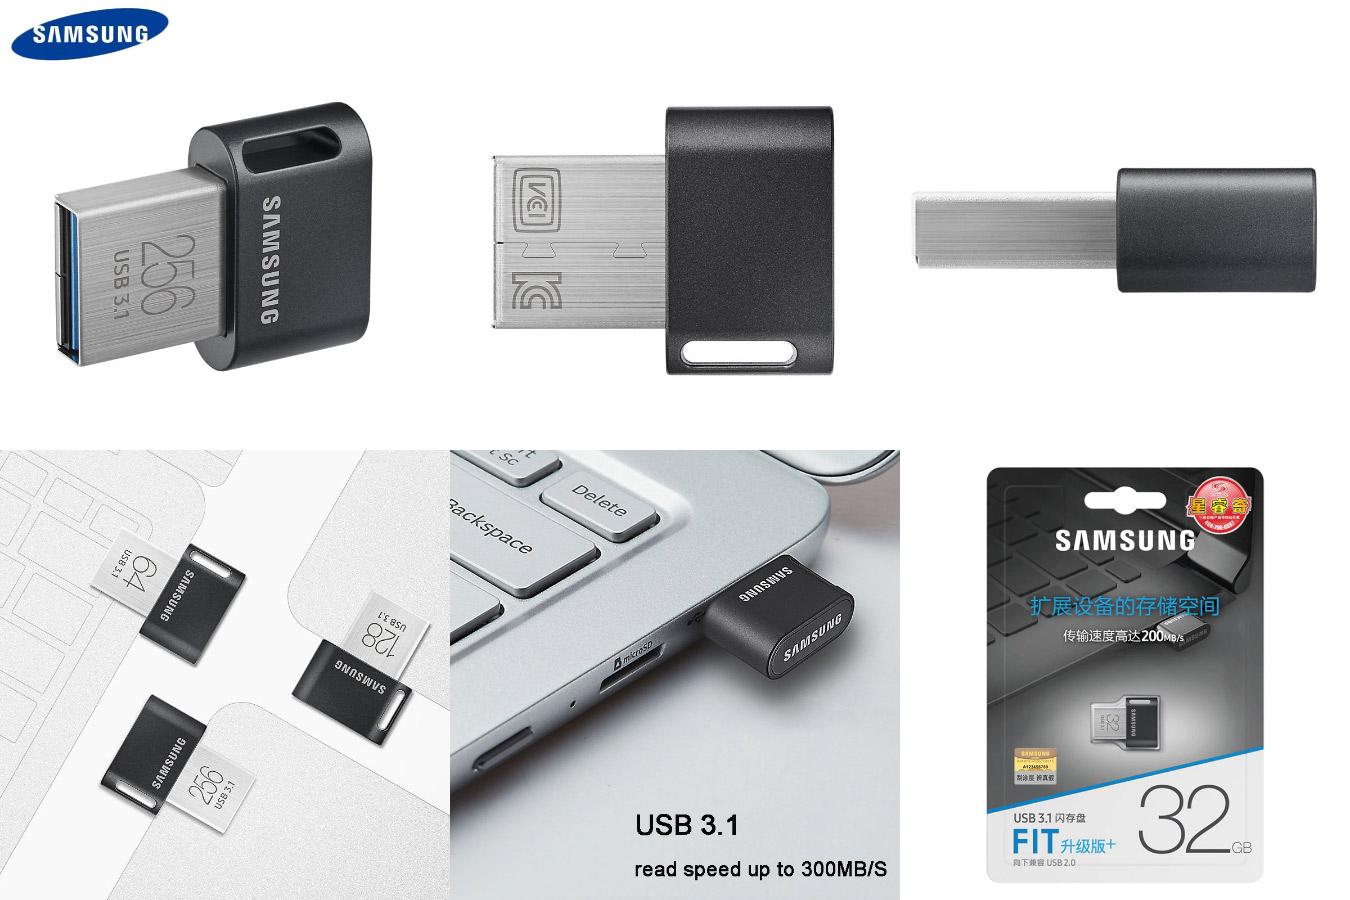 Оригинальный мини-накопитель Original Samsung USB 3.1